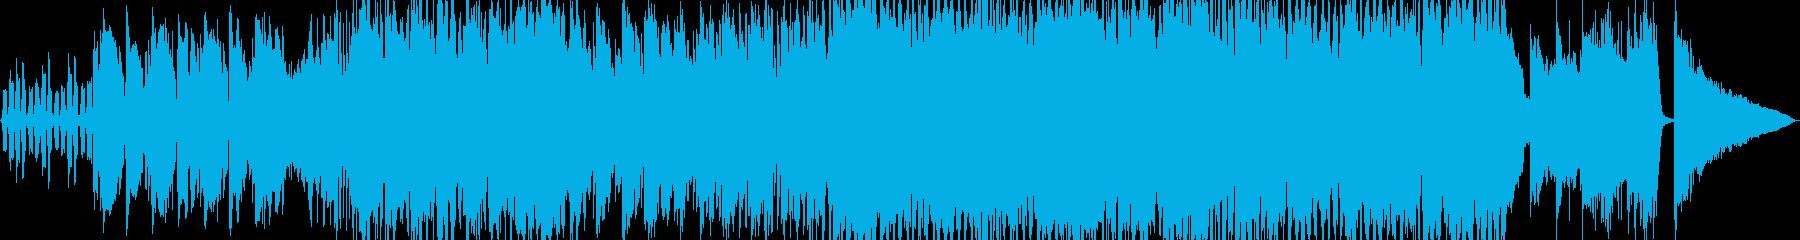 生演奏《明るくアップテンポなサックス》の再生済みの波形